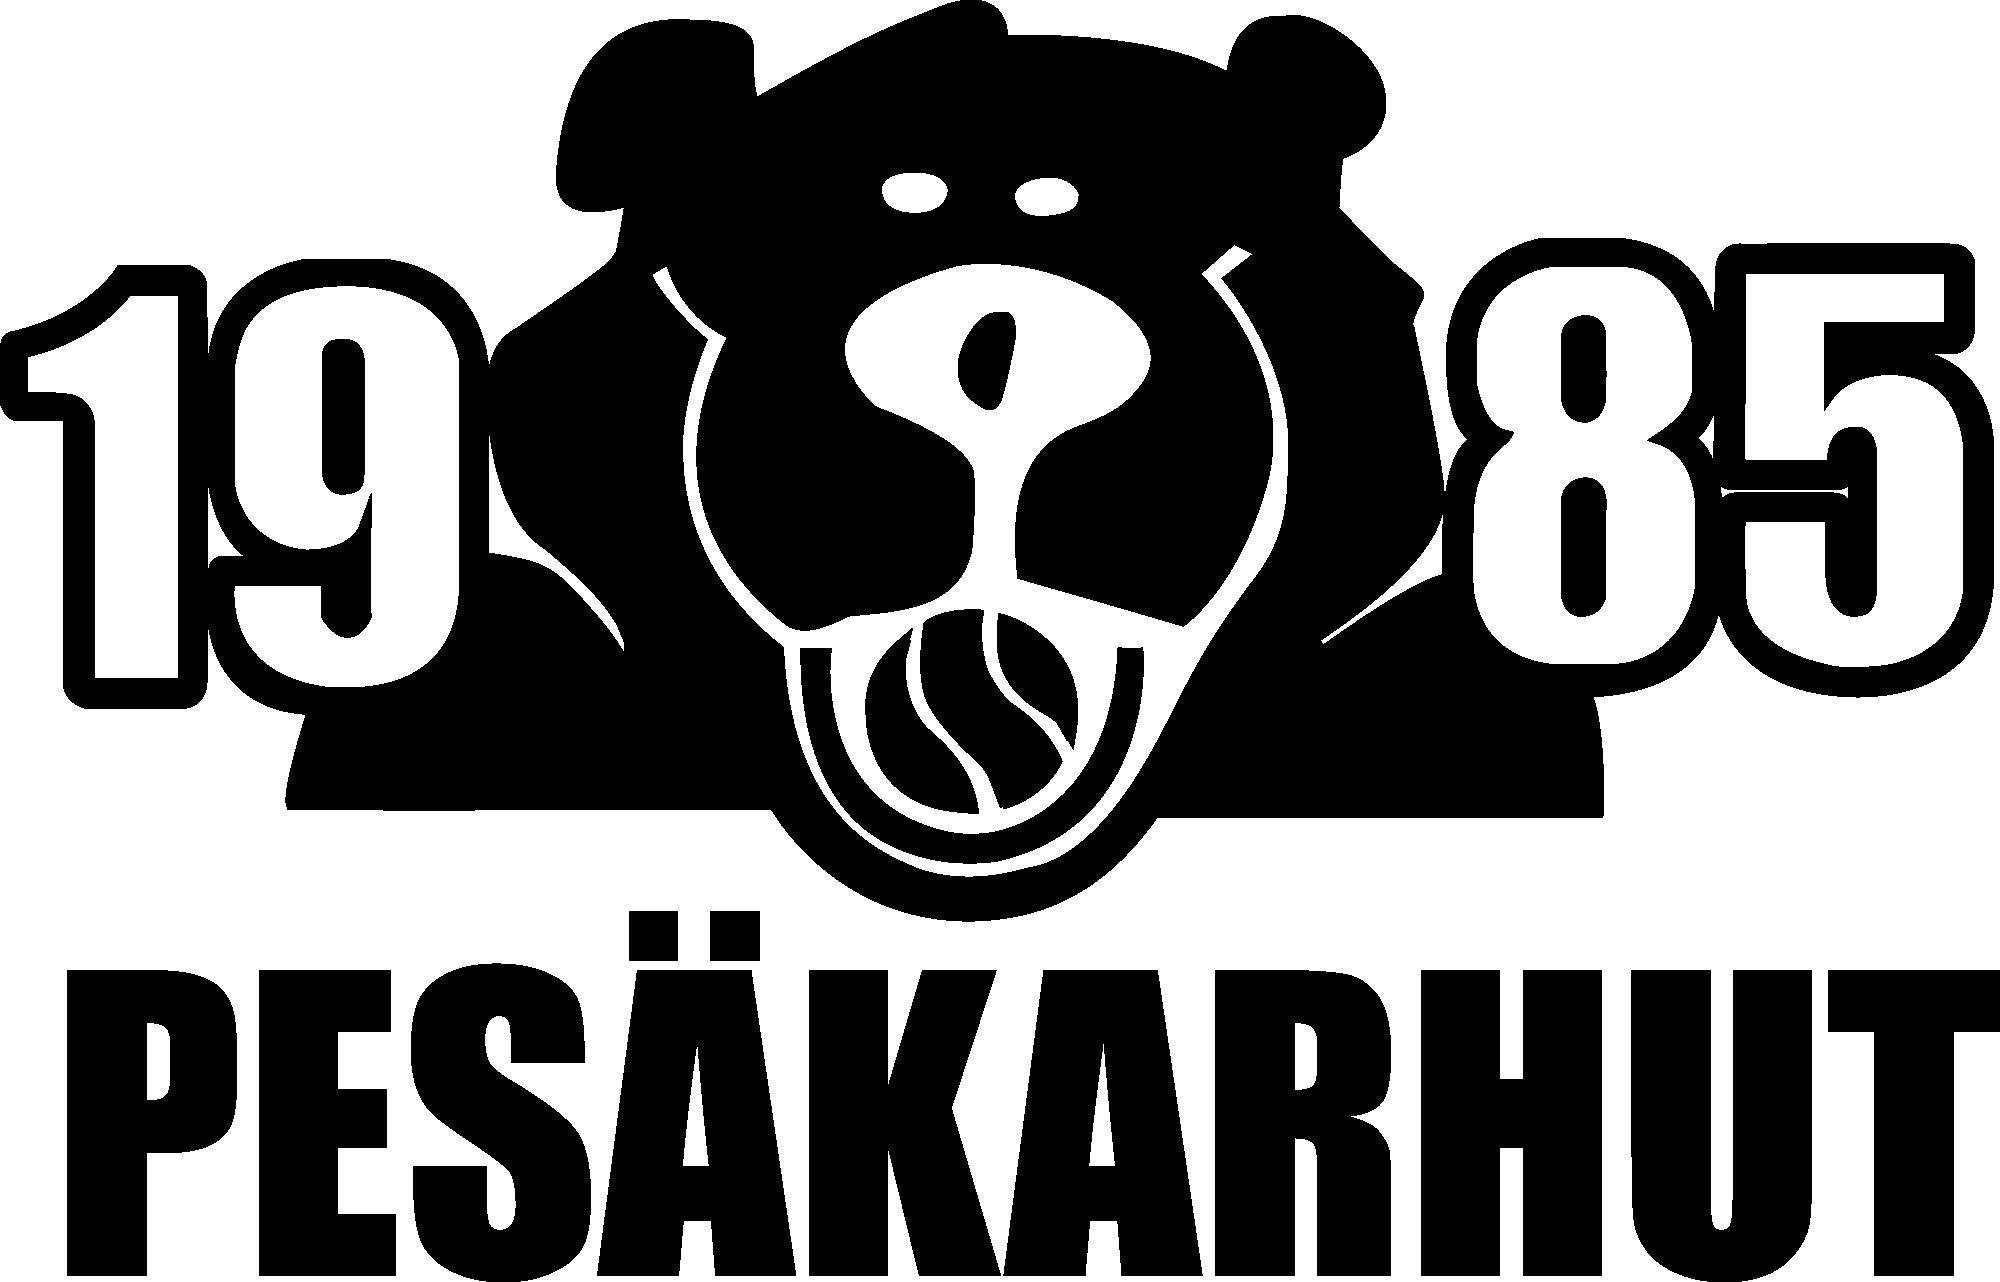 Etusivu – Pesäkarhut